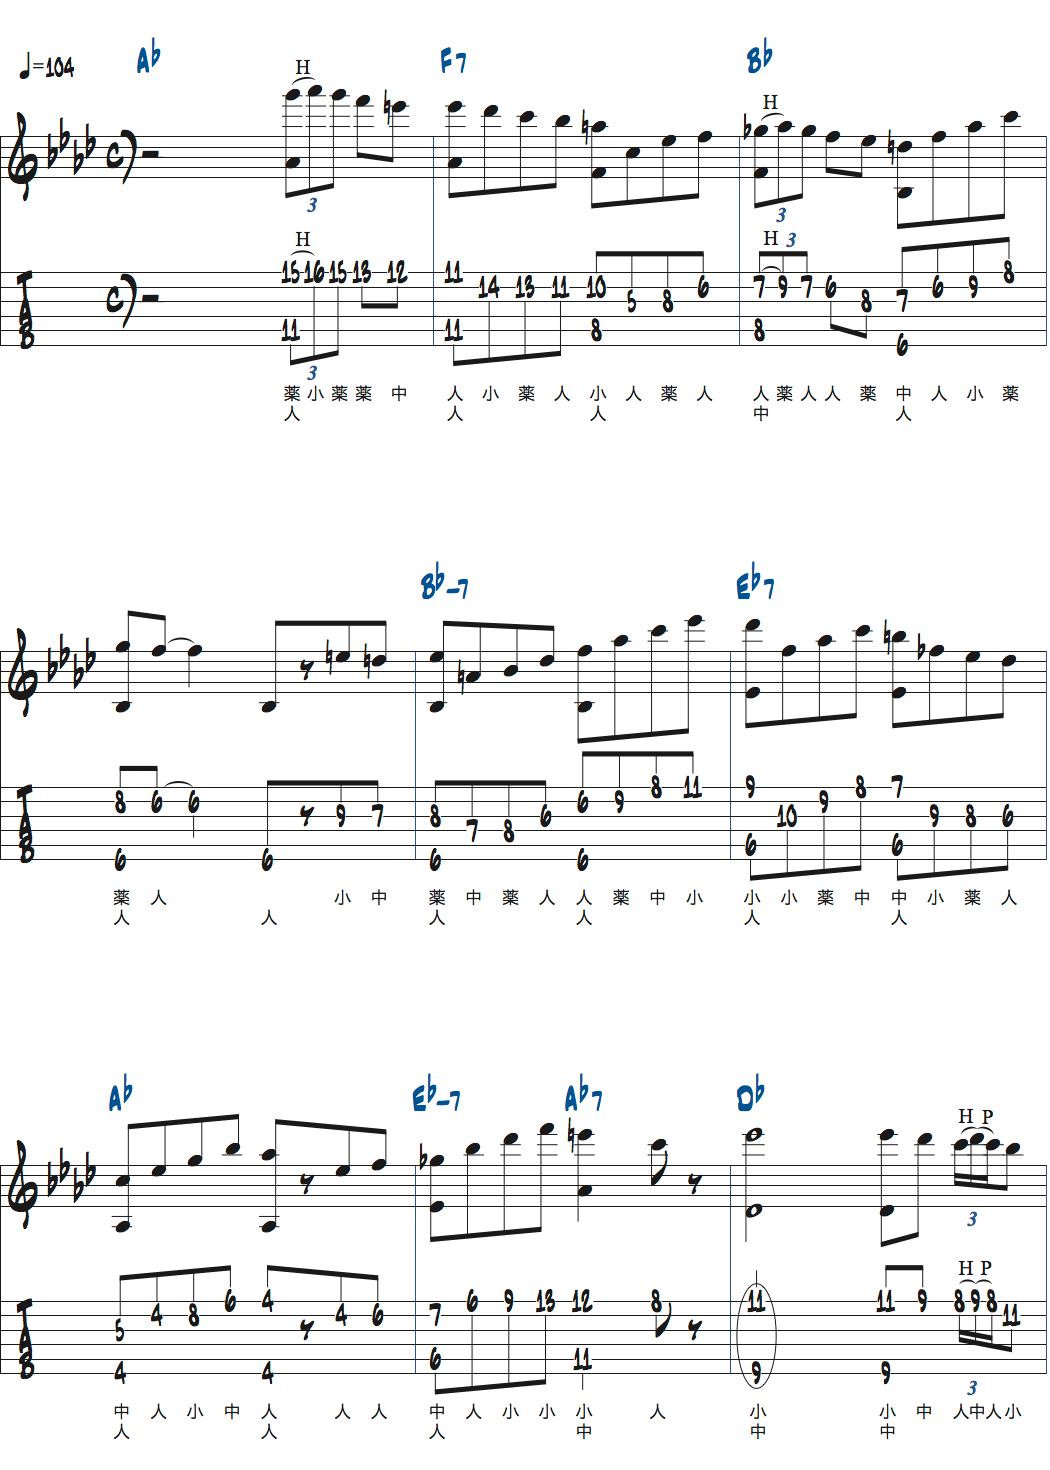 Romain Pilonが弾くベースとメロディを同時に弾くDonna Lee楽譜ページ1